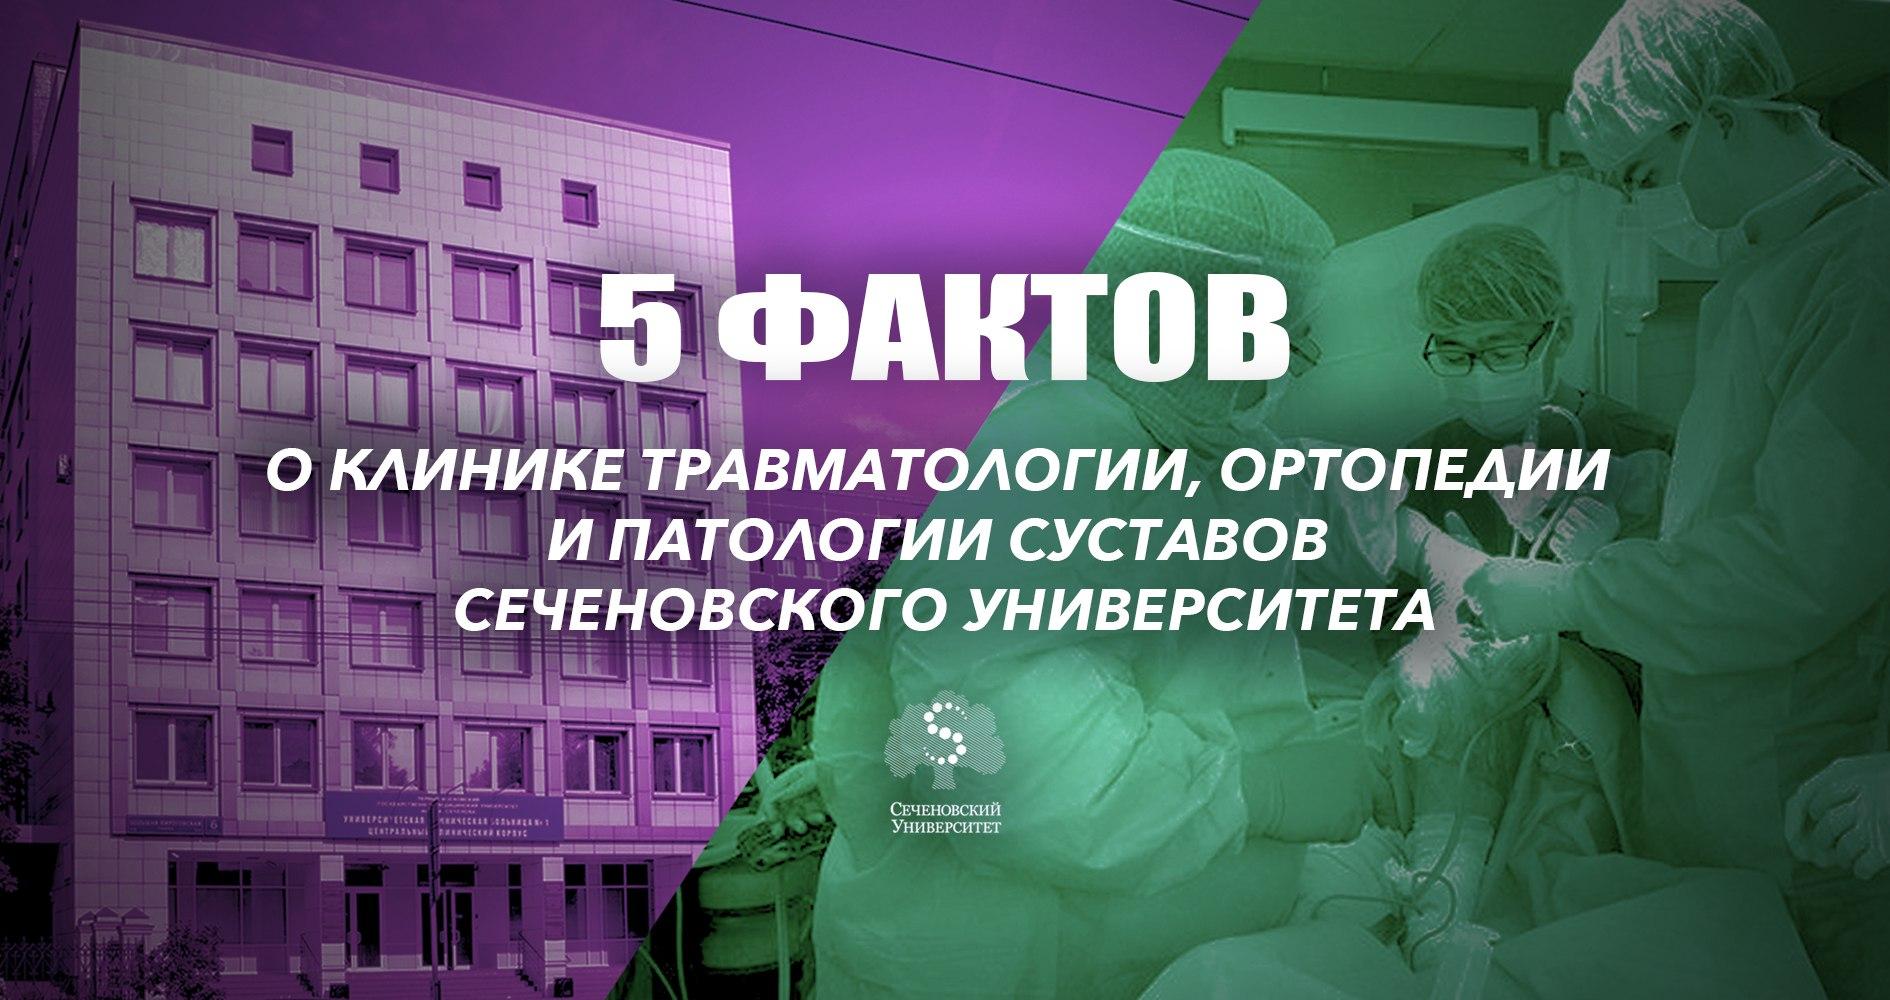 Эндопротезирование тазобедренного сустава, операция, инвалидность